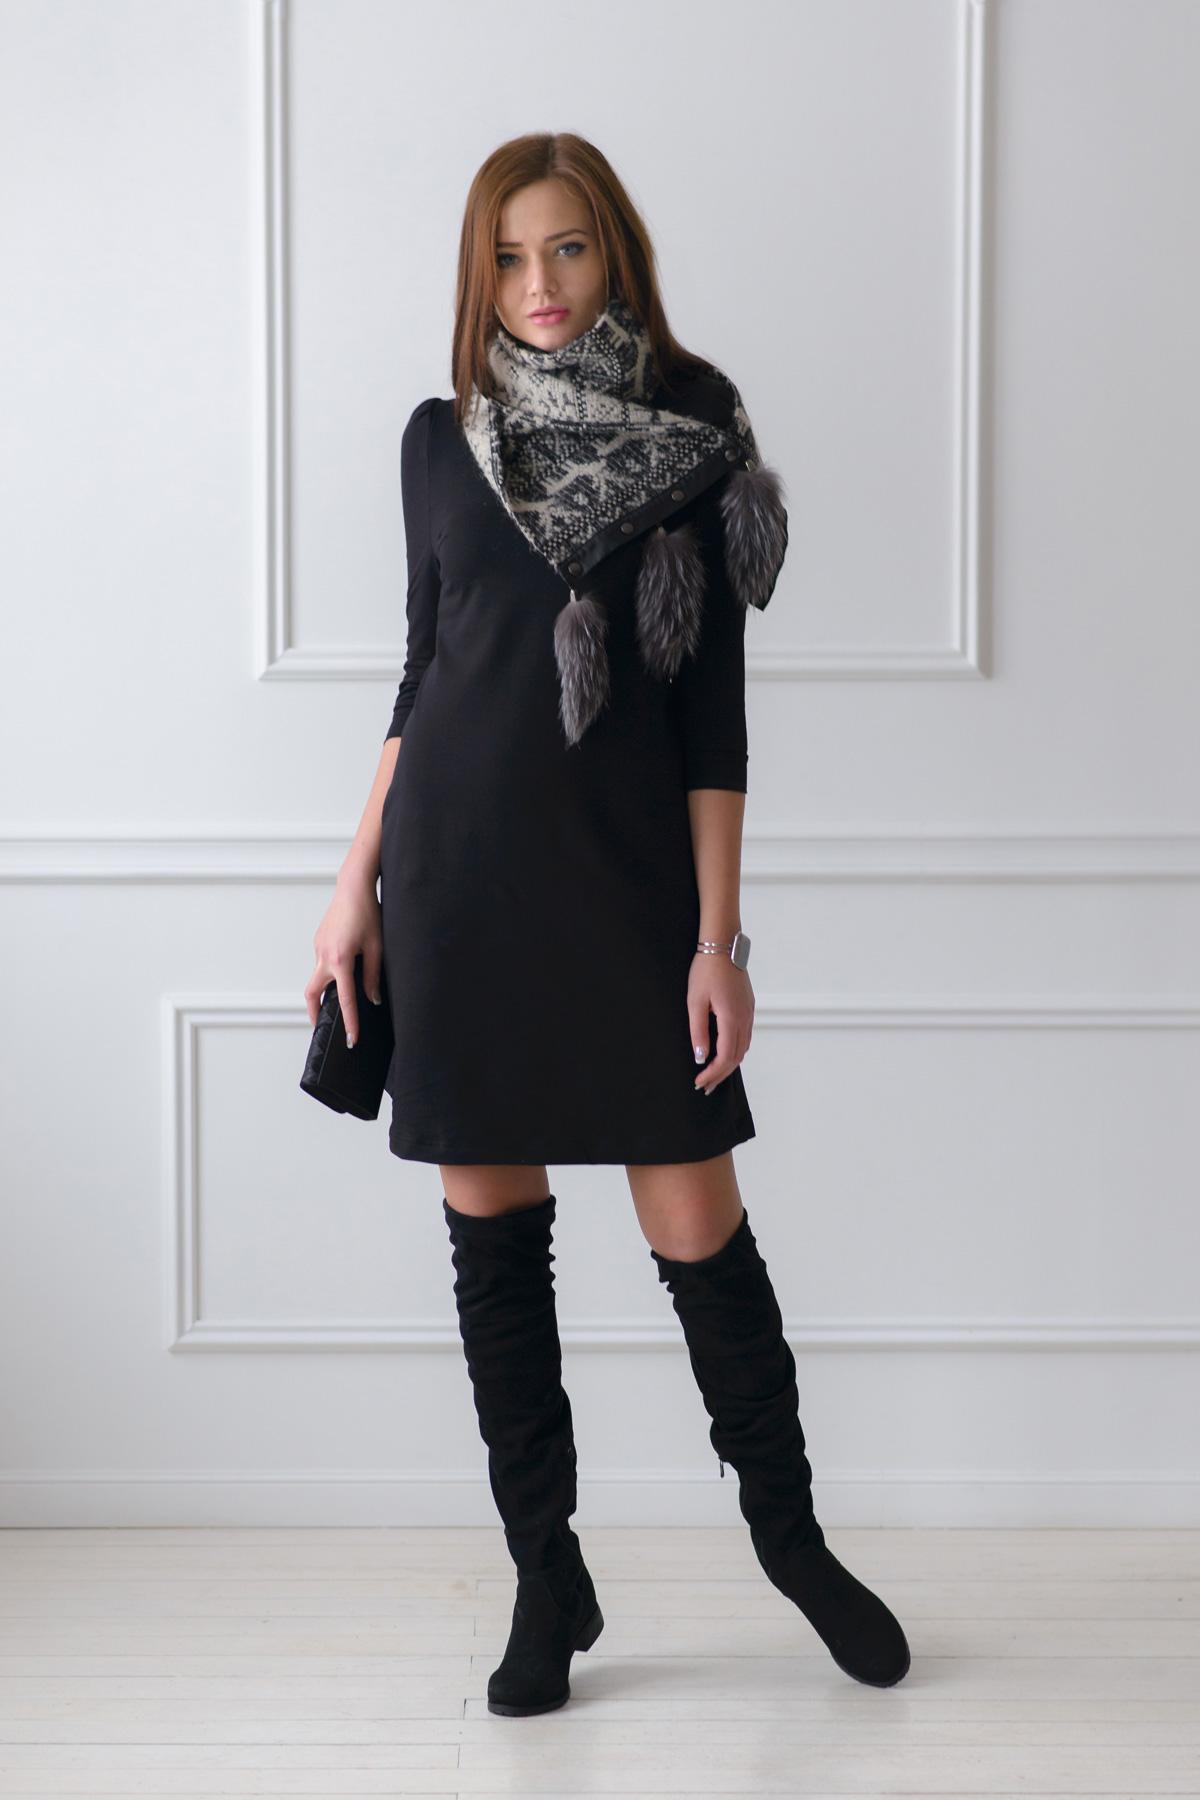 Жен. платье Модное Черный р. 44Платья<br>Факт. ОГ: 86 см <br>Факт. ОТ: 82 см <br>Факт. ОБ: 94 см <br>Длина по спинке: 88 см<br><br>Тип: Жен. платье<br>Размер: 44<br>Материал: Милано